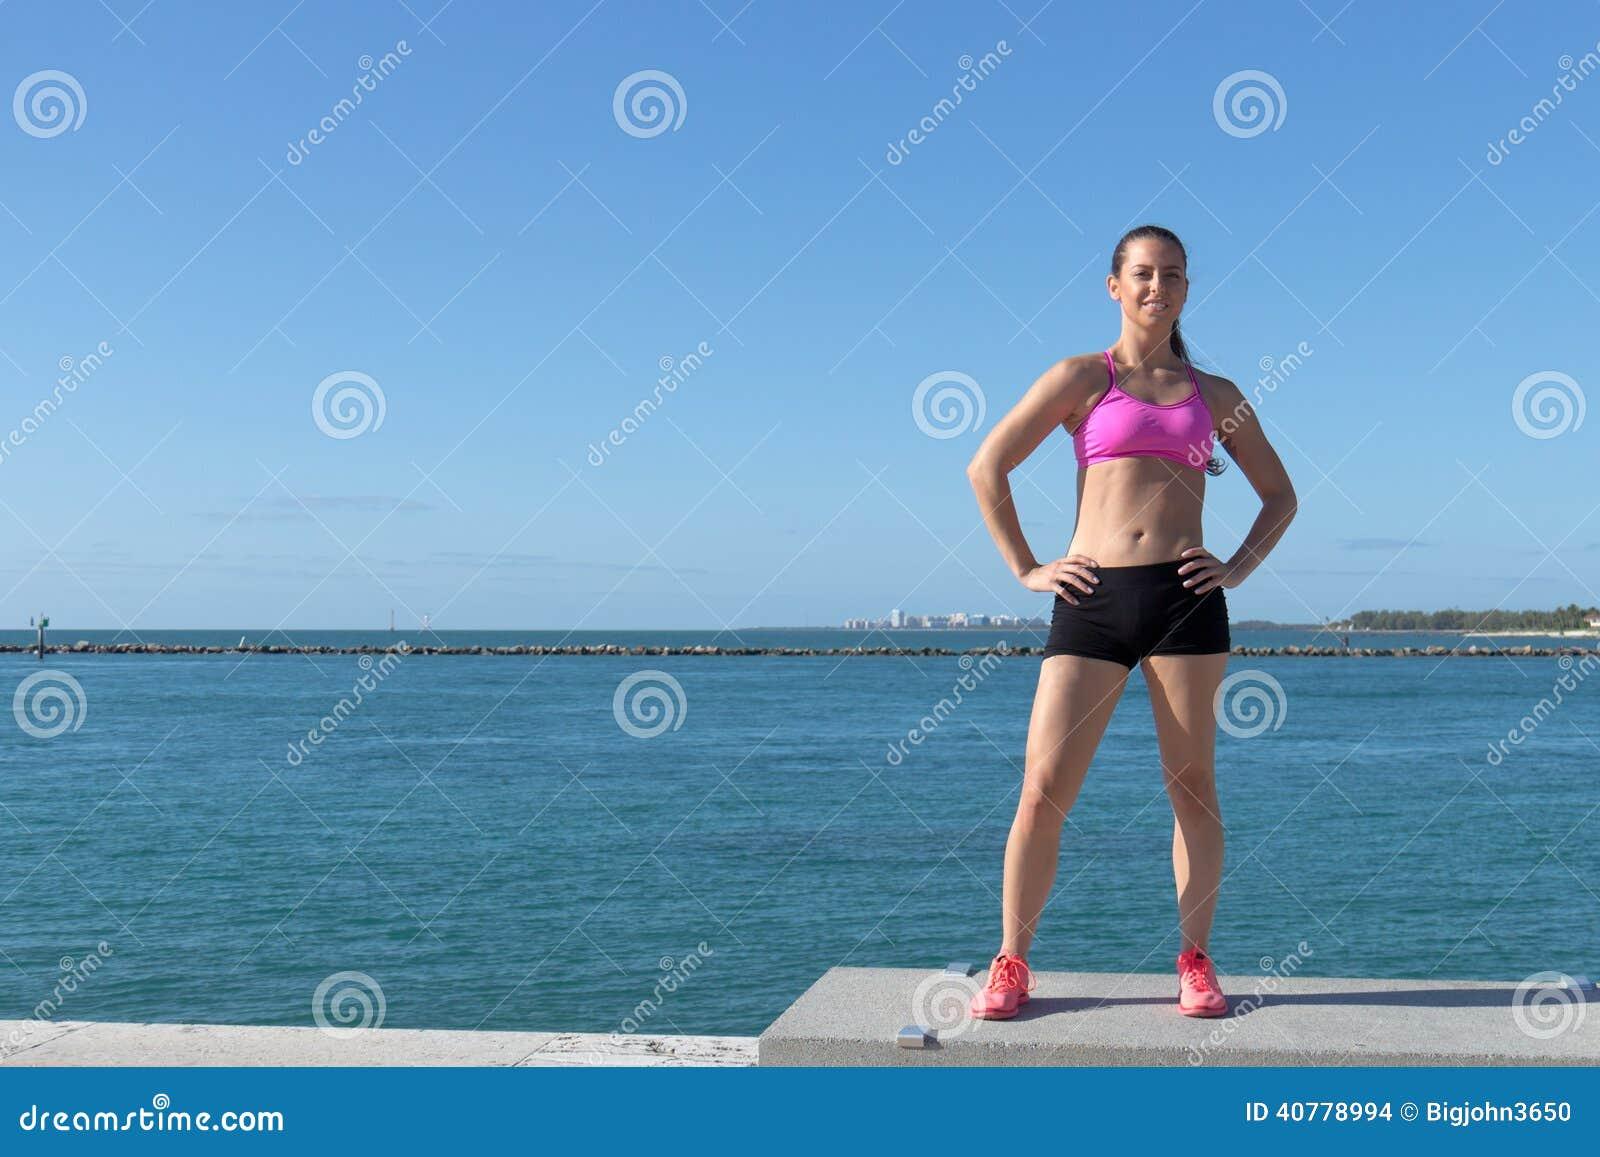 Καθορισμένος, εγκαταστήστε την ισπανική γυναίκα από τον ωκεανό